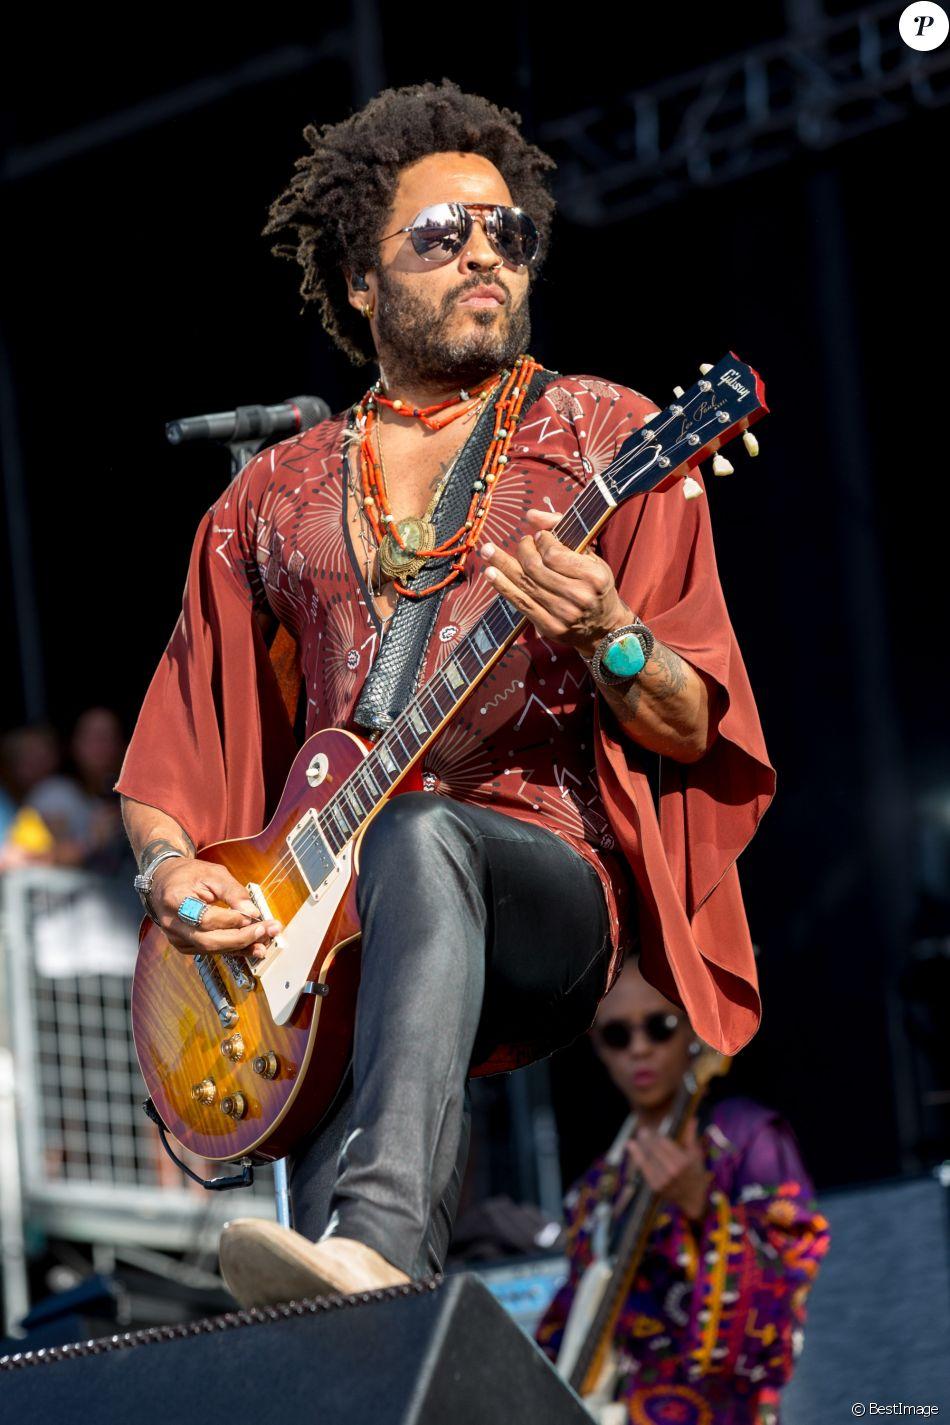 Lenny Kravitz en concert lors du Festival de musique de BottleRock à Napa en Californie, le 27 mai 2016 © Daniel DeSlover via Bestimage